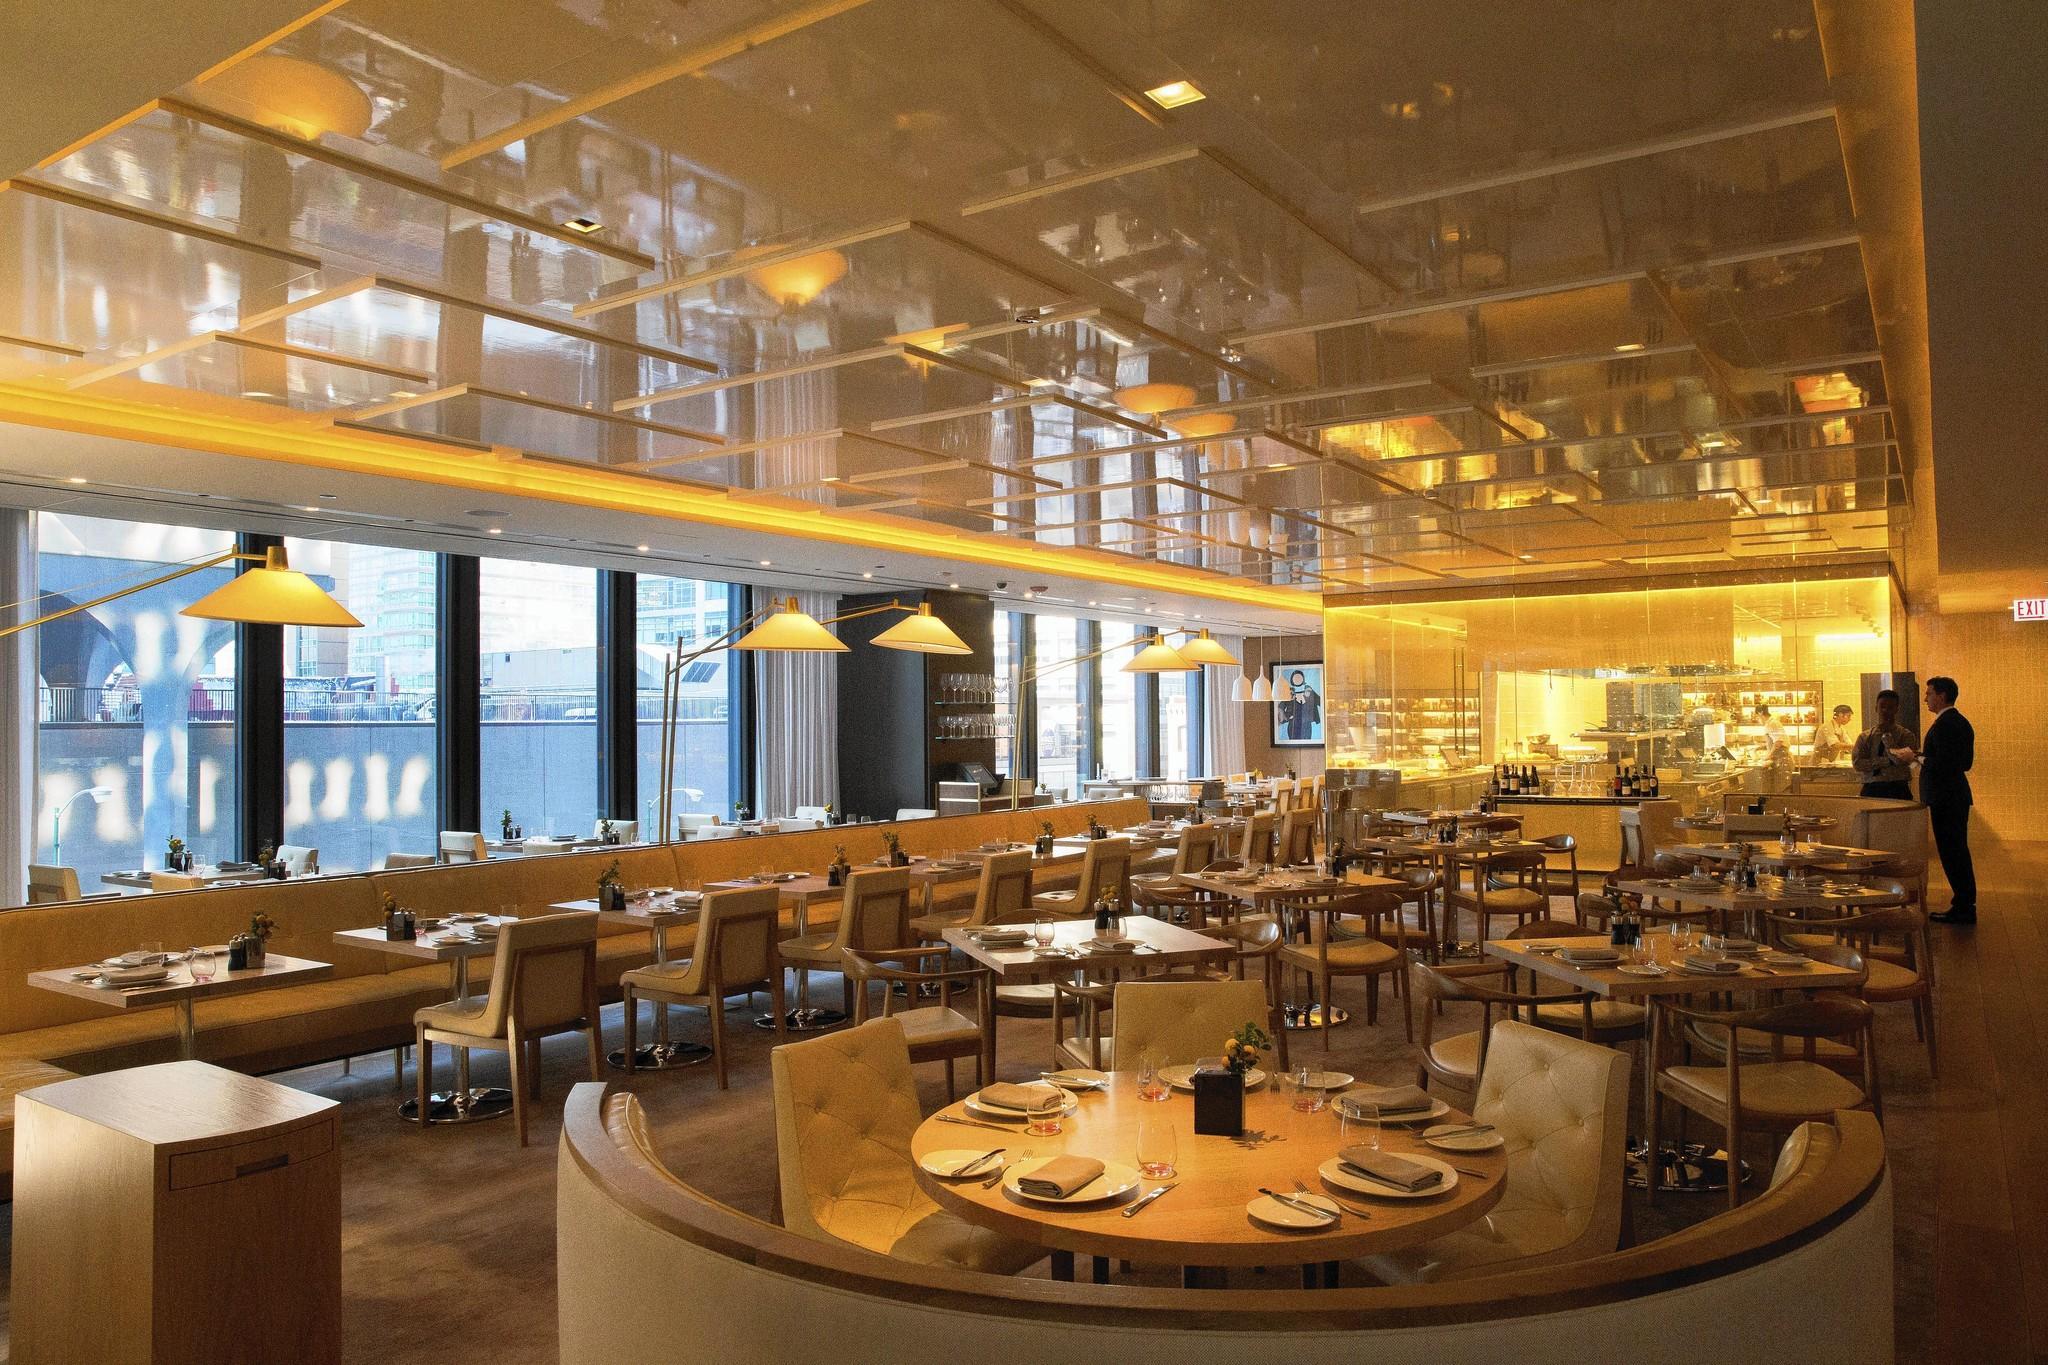 Brindille Restaurant Week Chicago